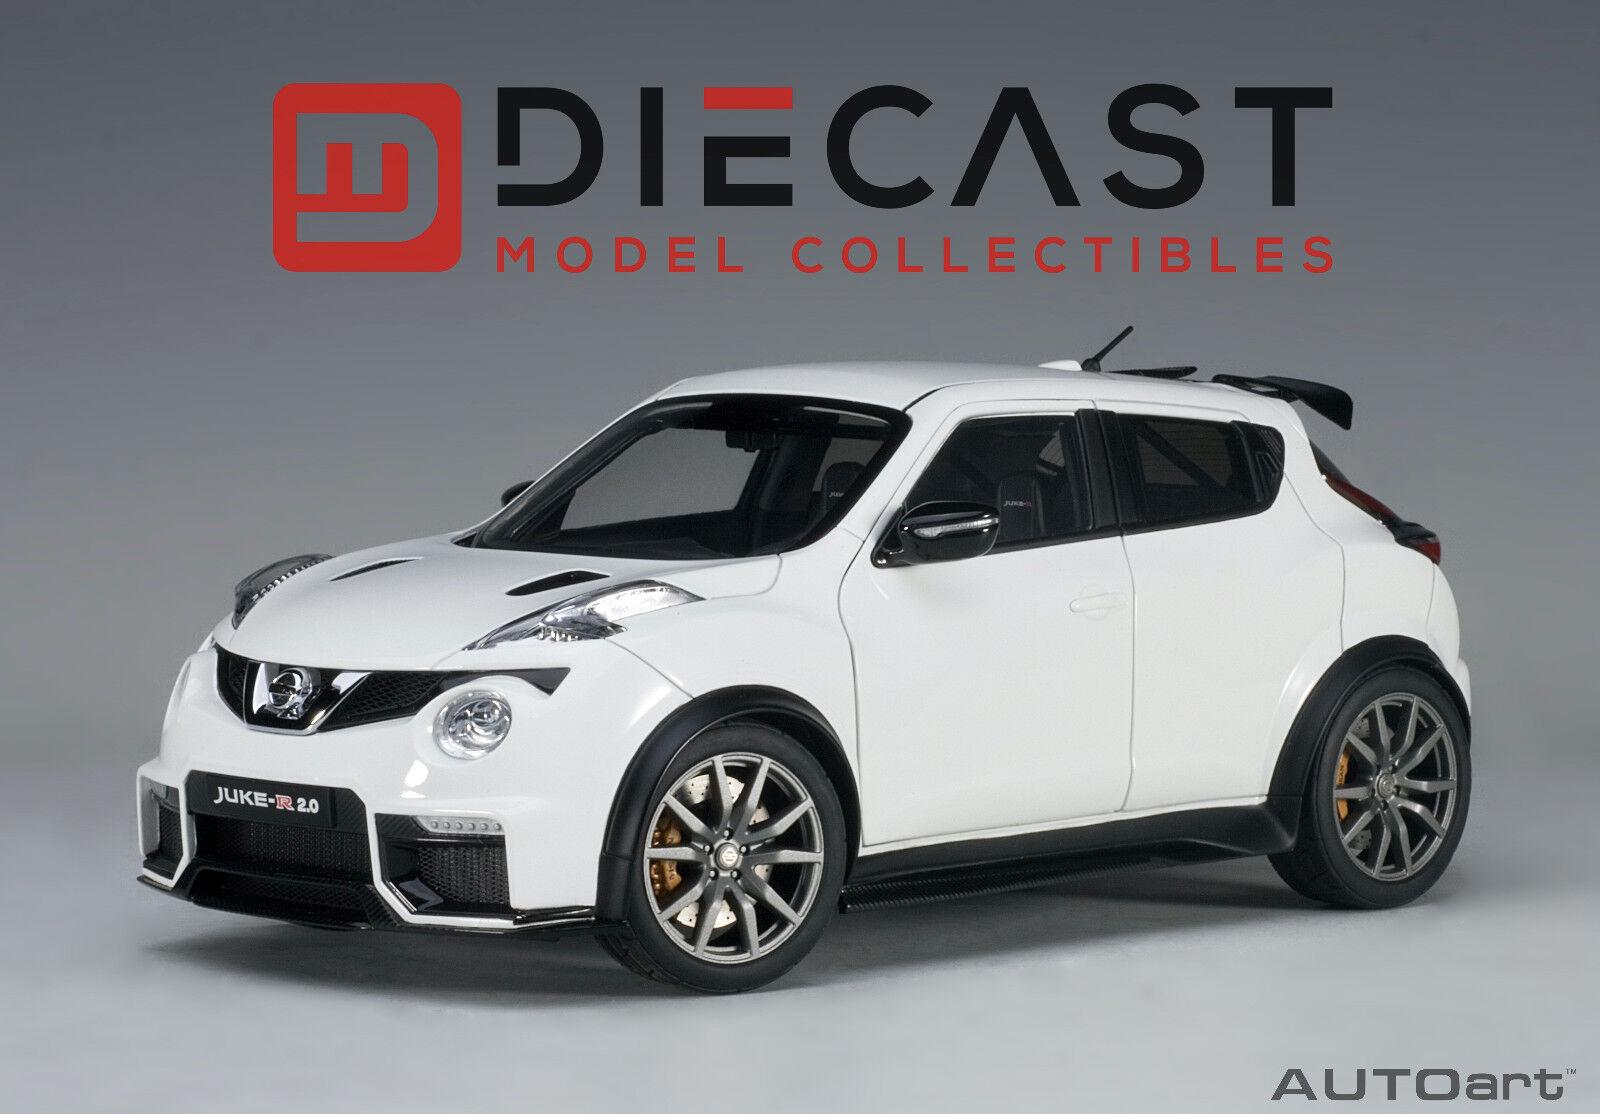 Nissan juke r autoart 77456 2.0 (weiß) 1 18th skala